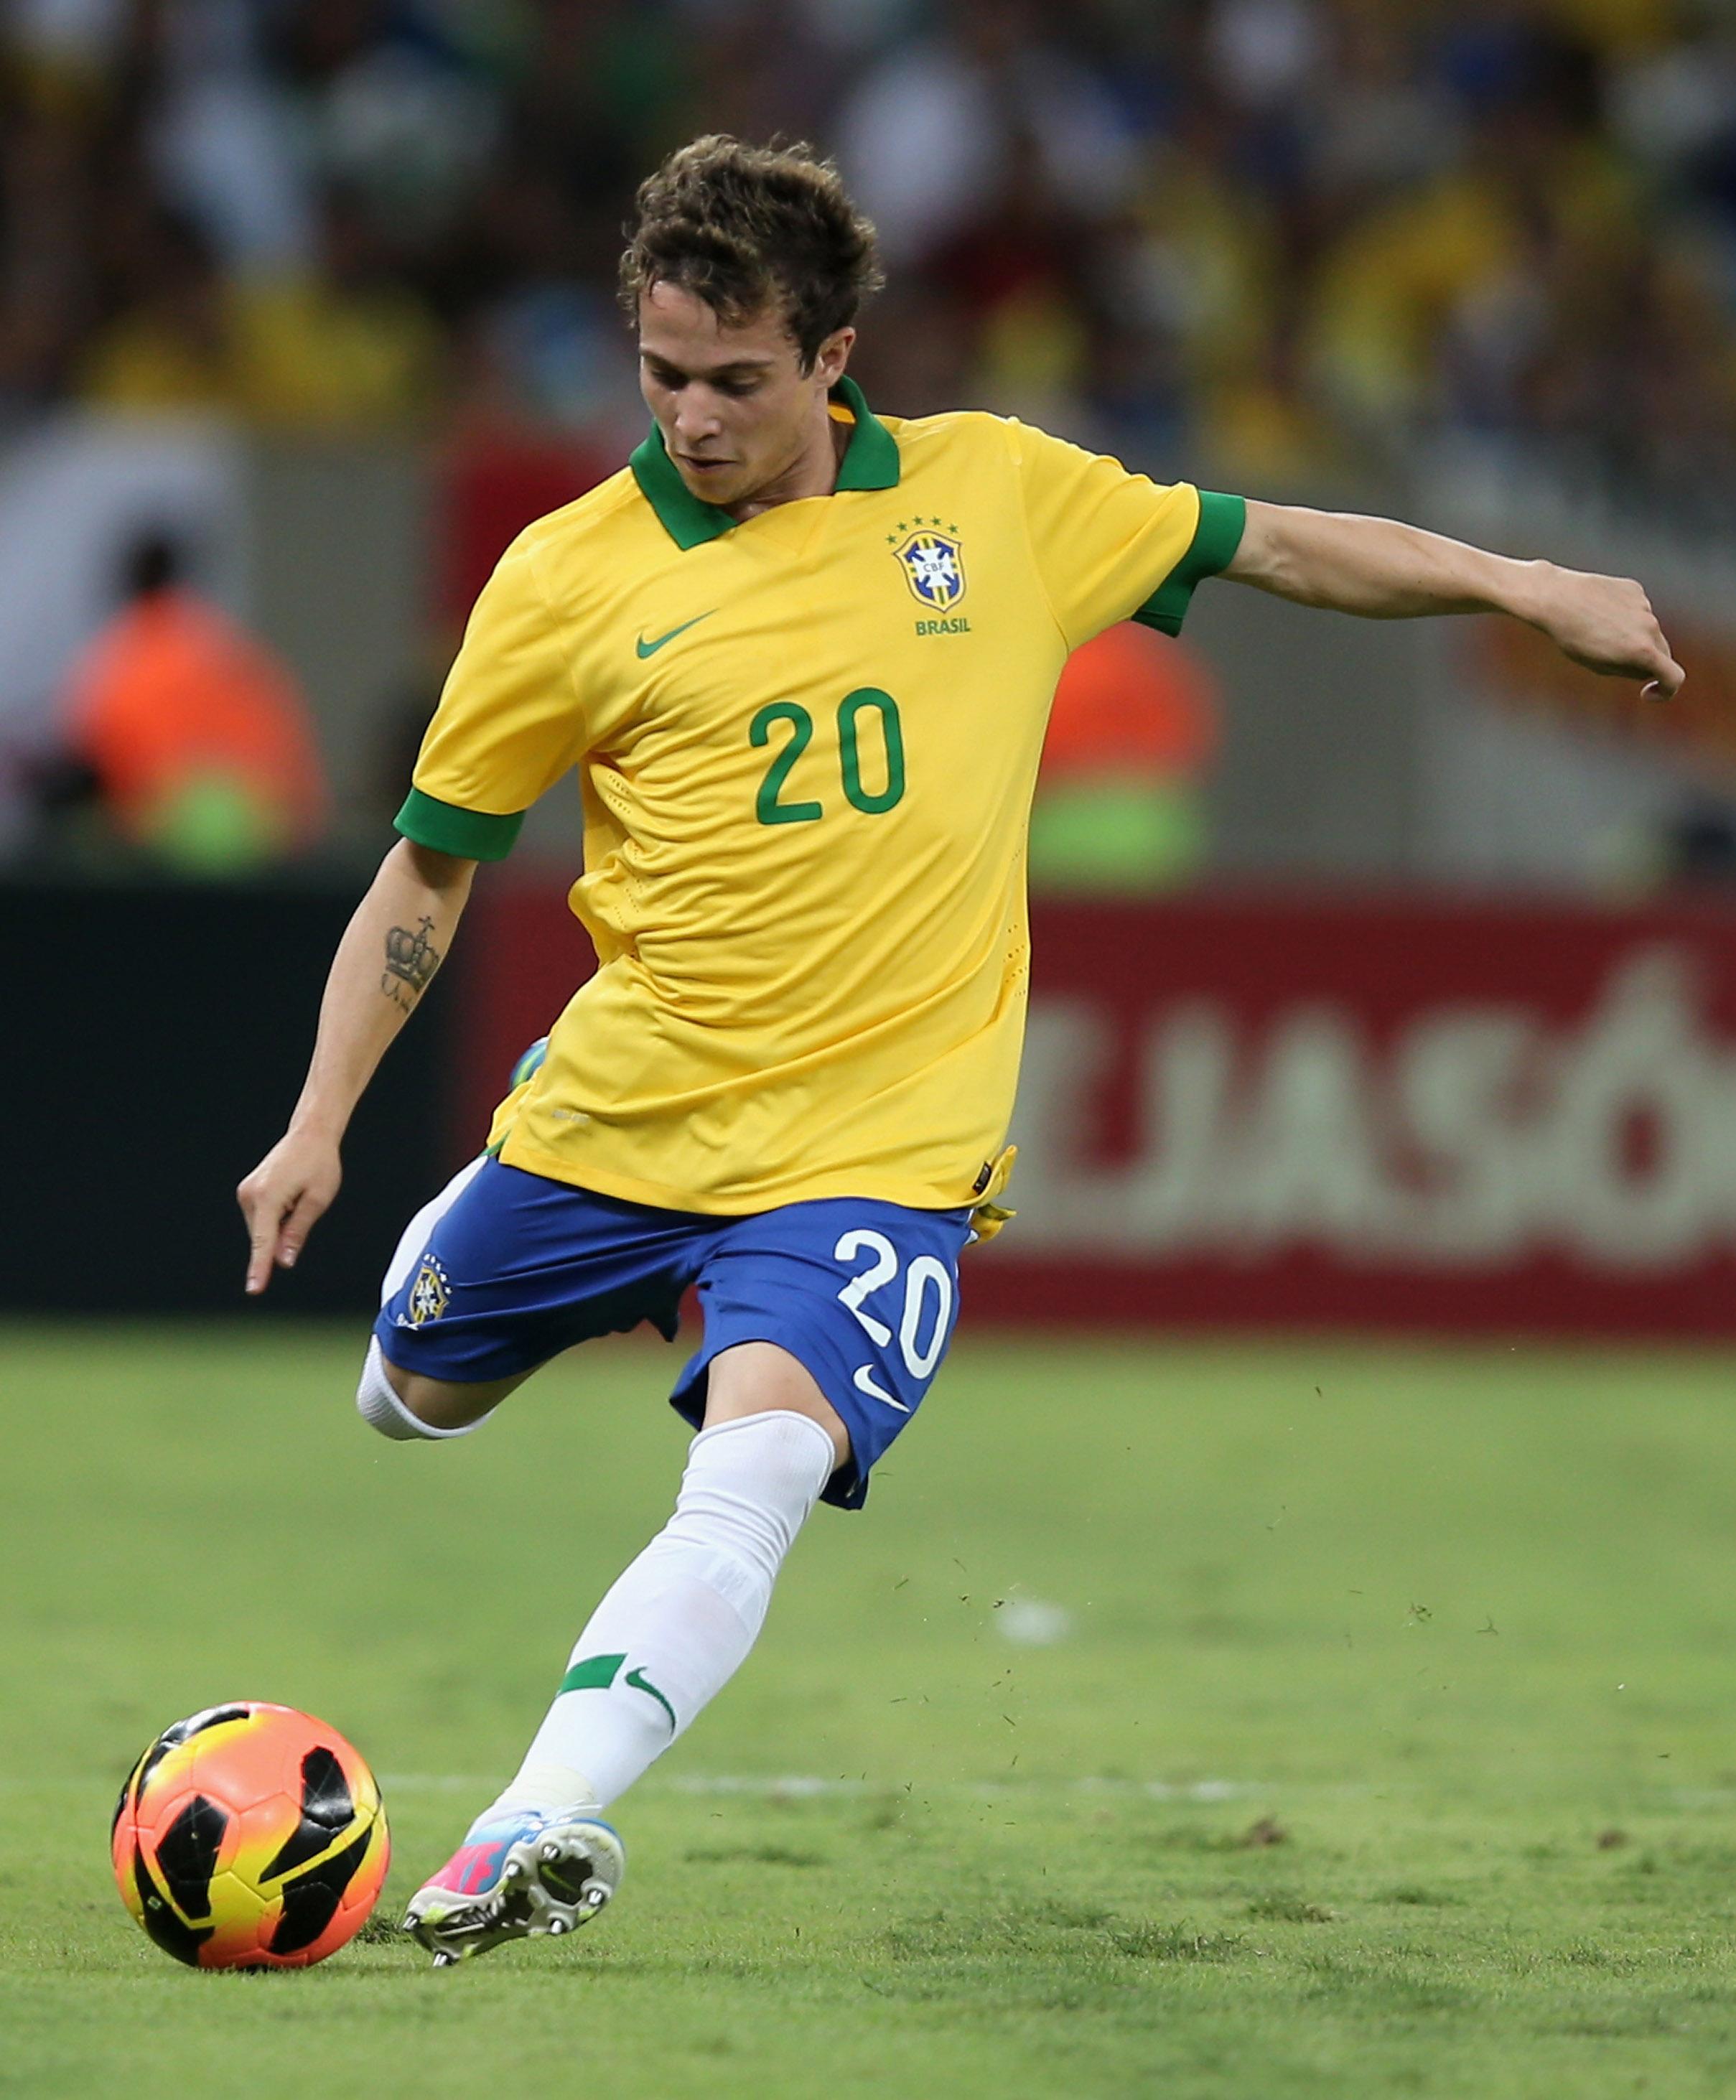 Atletico Mineiro reveal offers for Spurs target Bernard